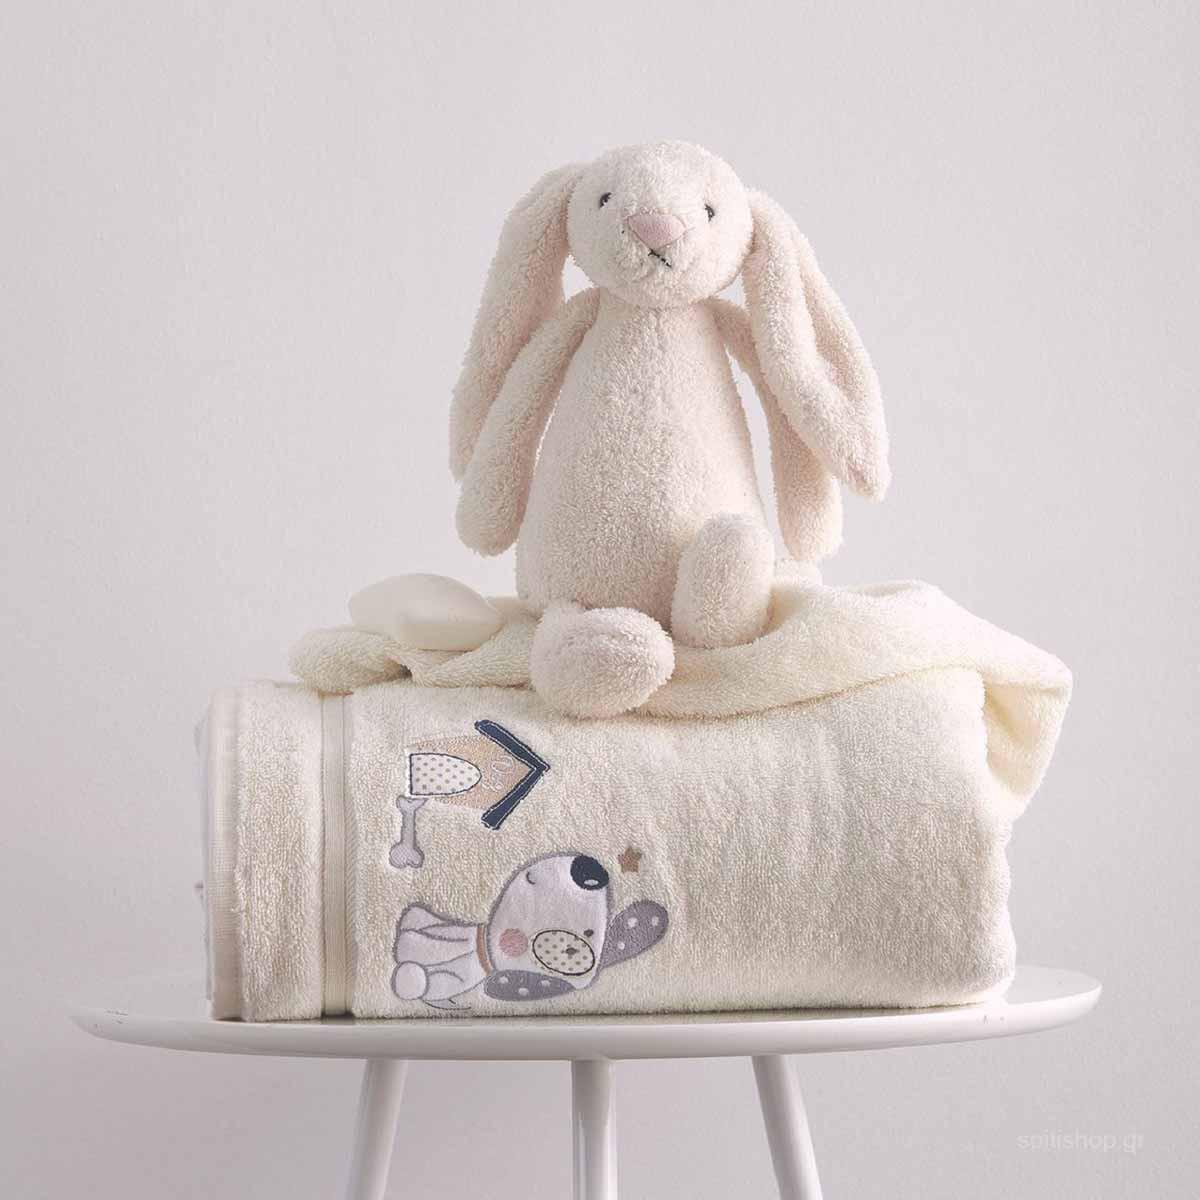 Βρεφικές Πετσέτες (Σετ 2τμχ) Sb Home Baby Puppy Cream